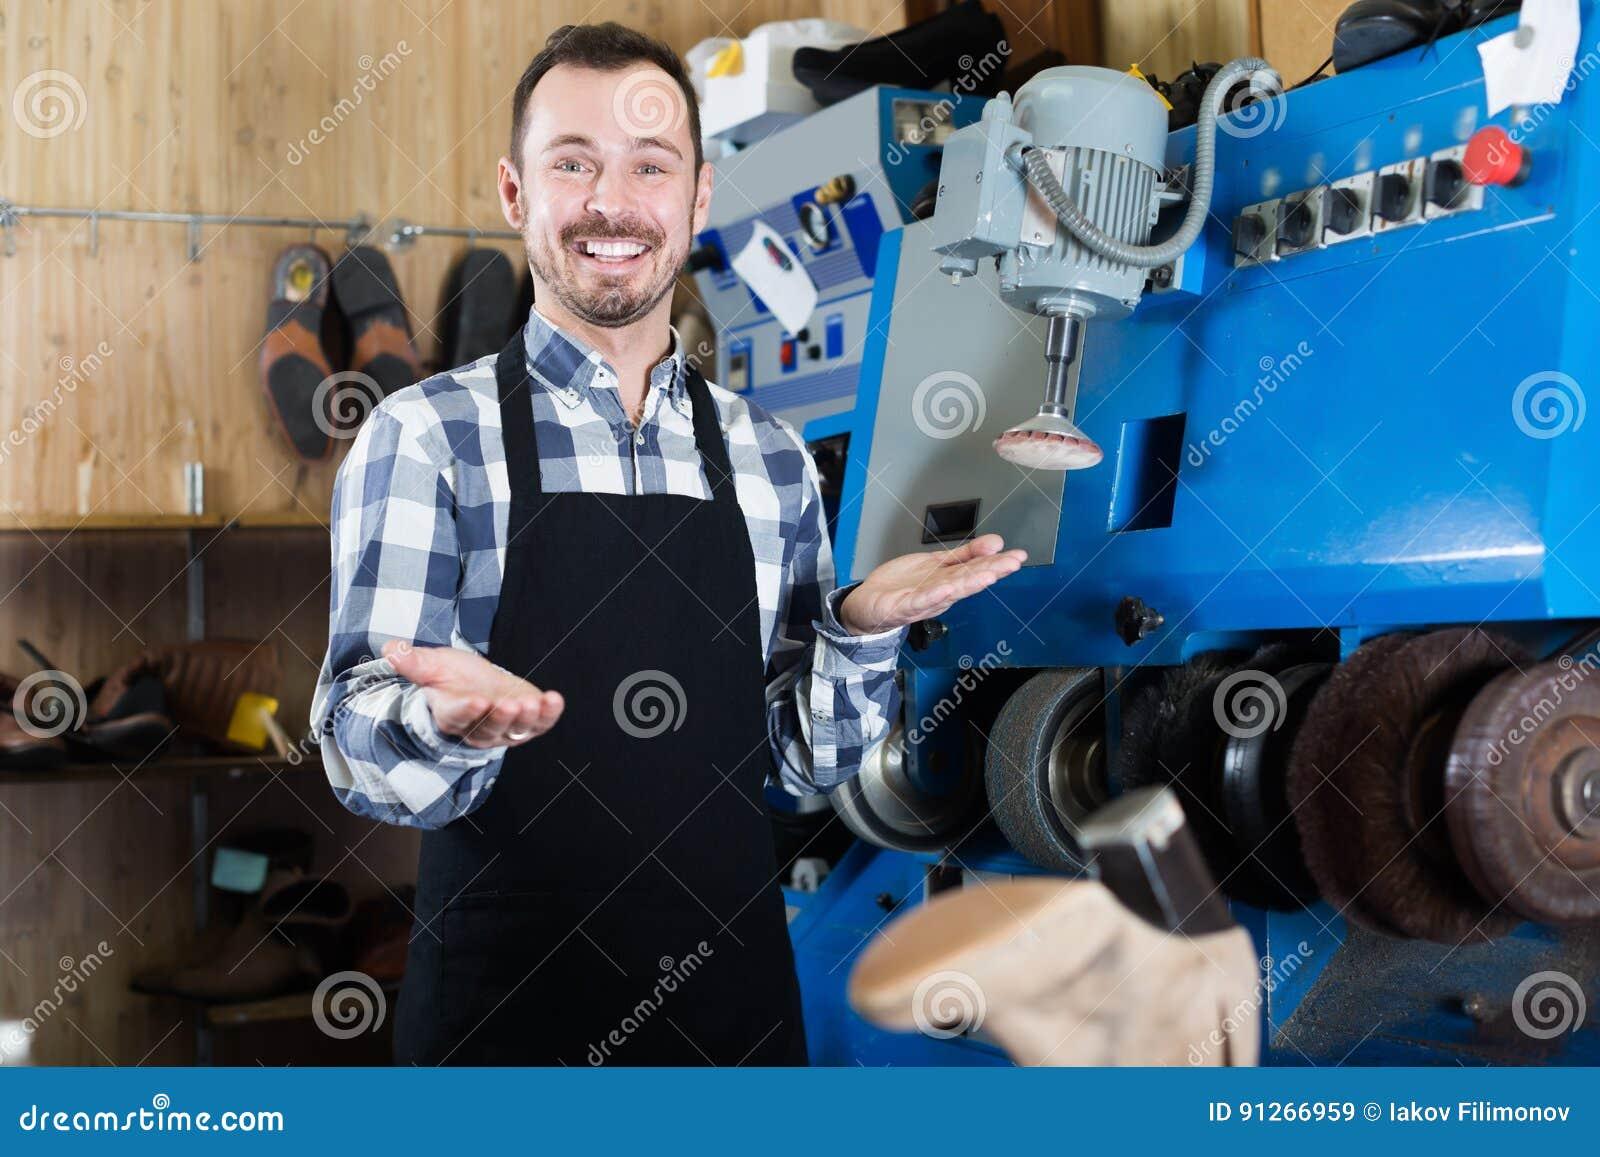 Happy Shoe Repair